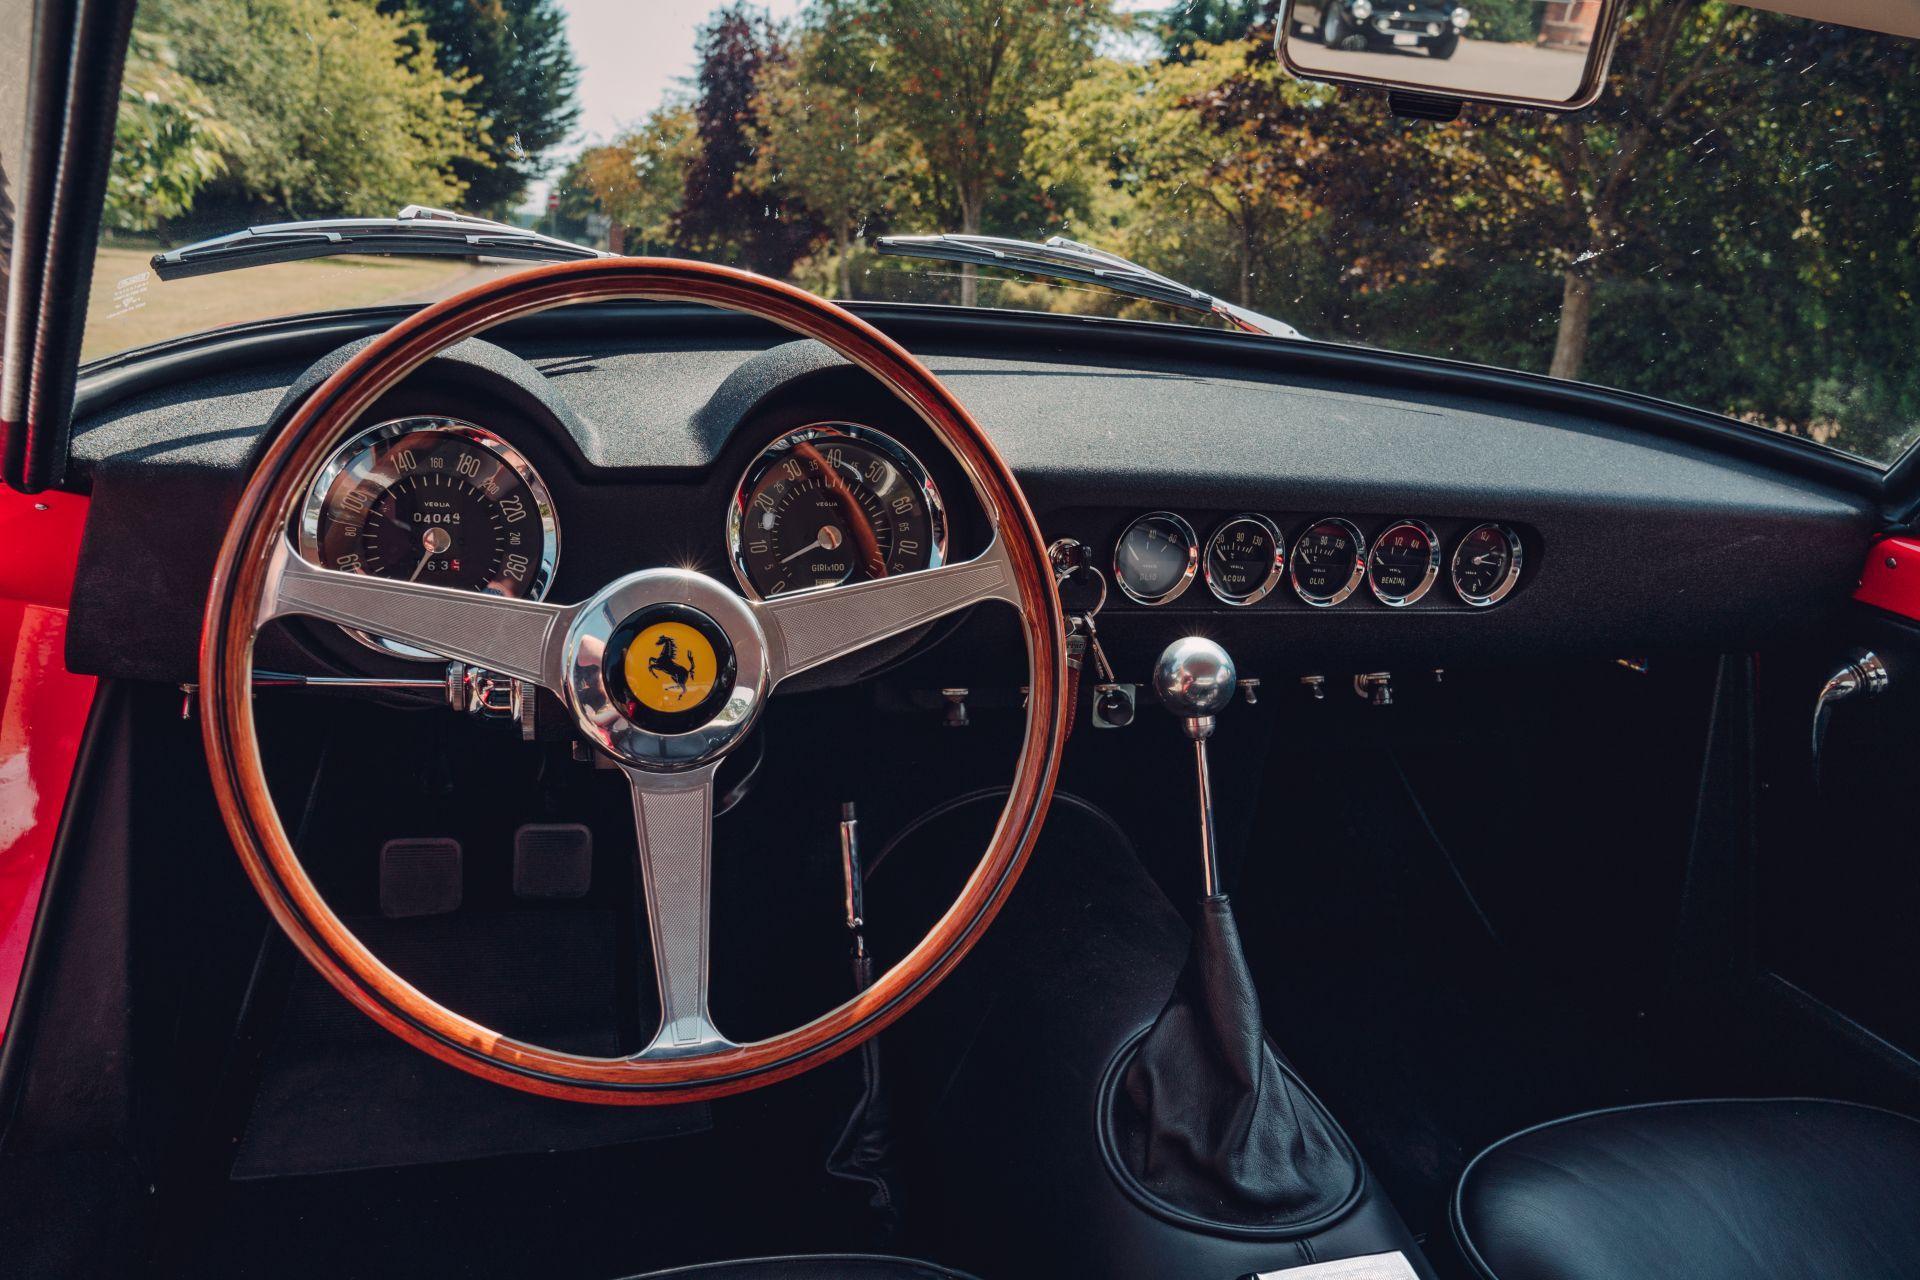 Ferrari-250-GT-SWB-Berlinetta-Competizione-Revival-by-GTO-Engineering-34